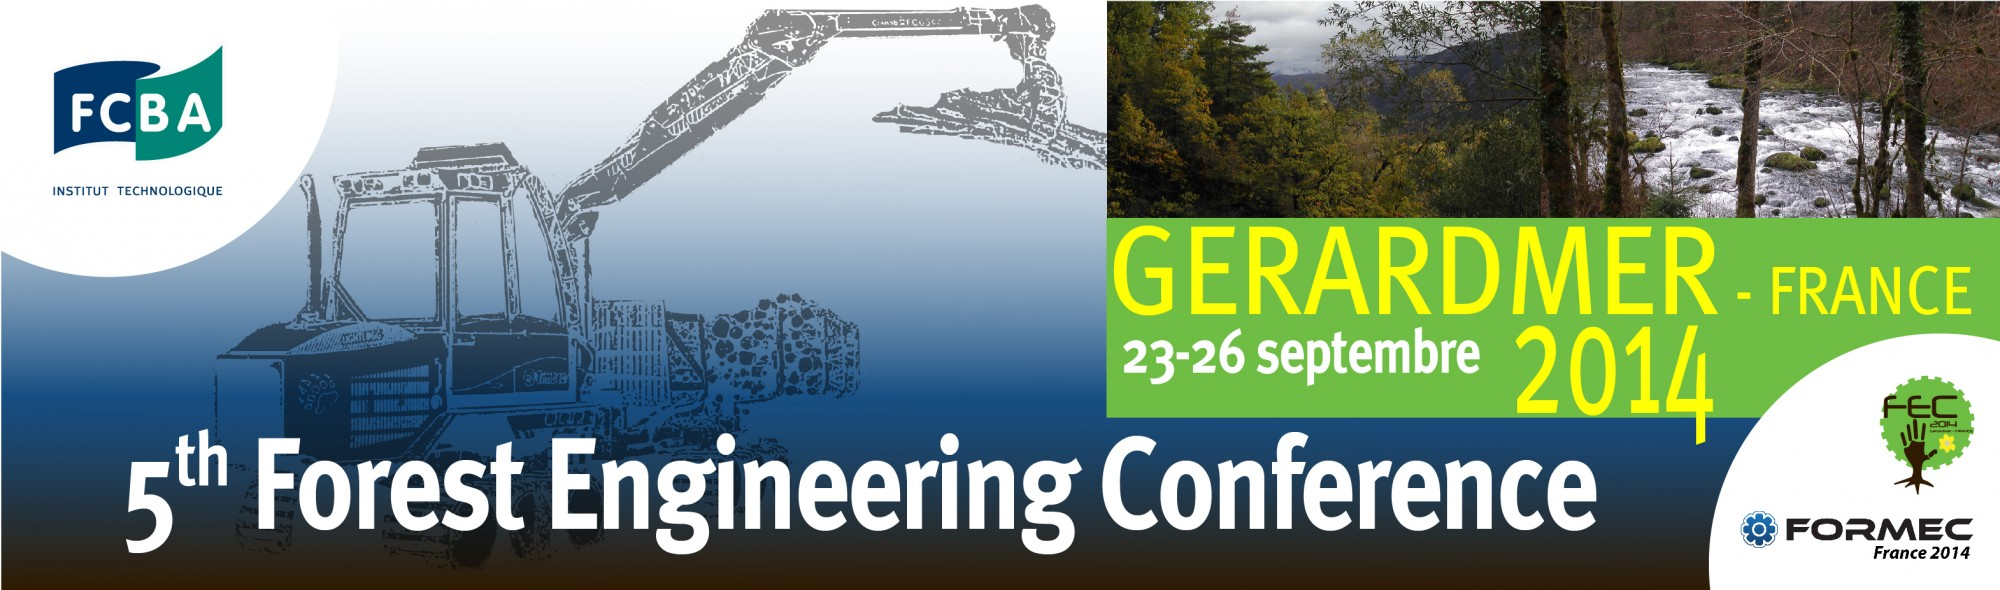 5e conférence de l'ingénierie forestière